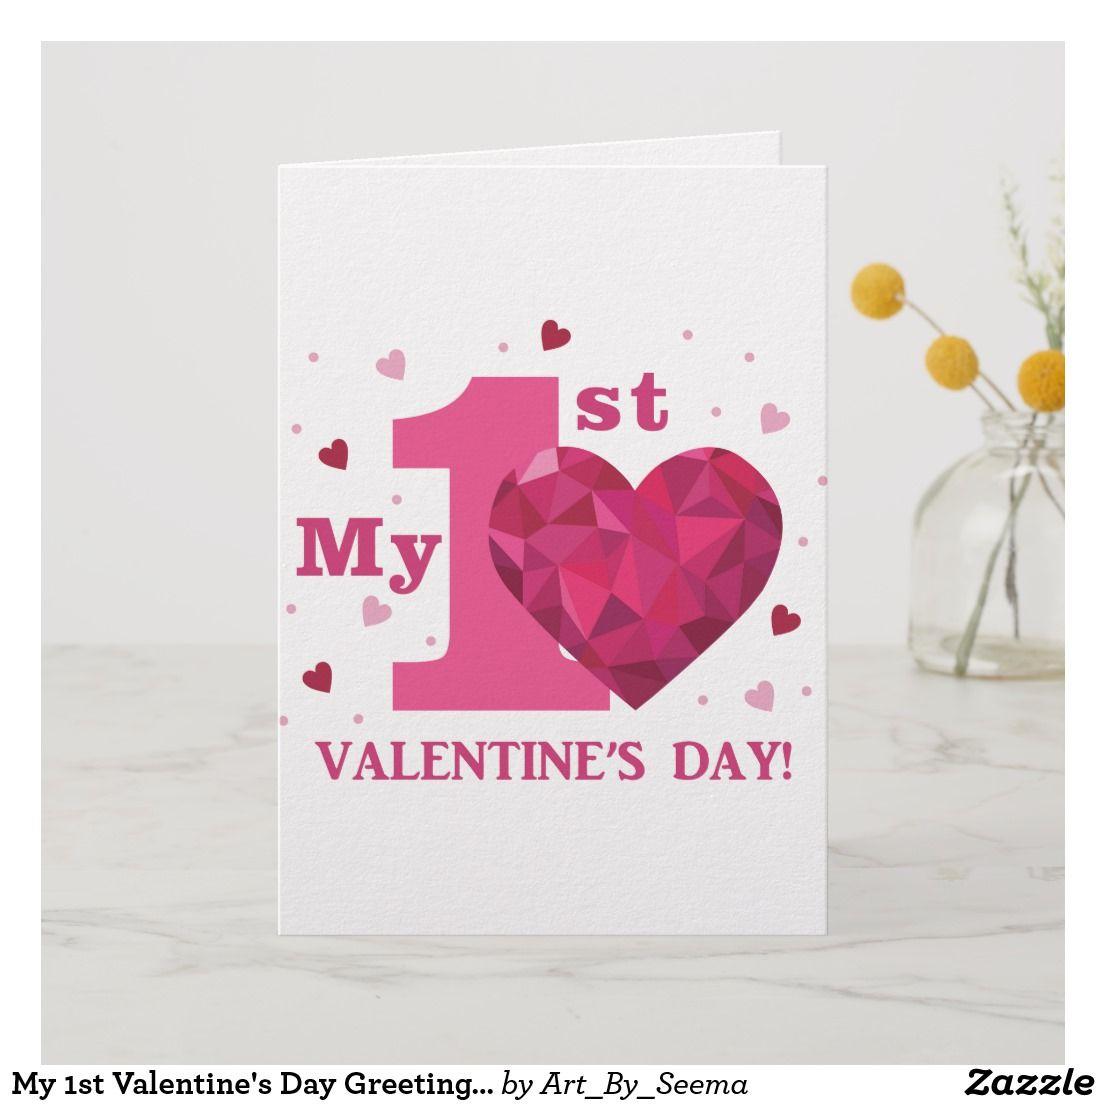 My 1st Valentine S Day Greeting Card Zazzle Com Valentines Day Greetings Holiday Design Card Valentine S Day Greeting Cards